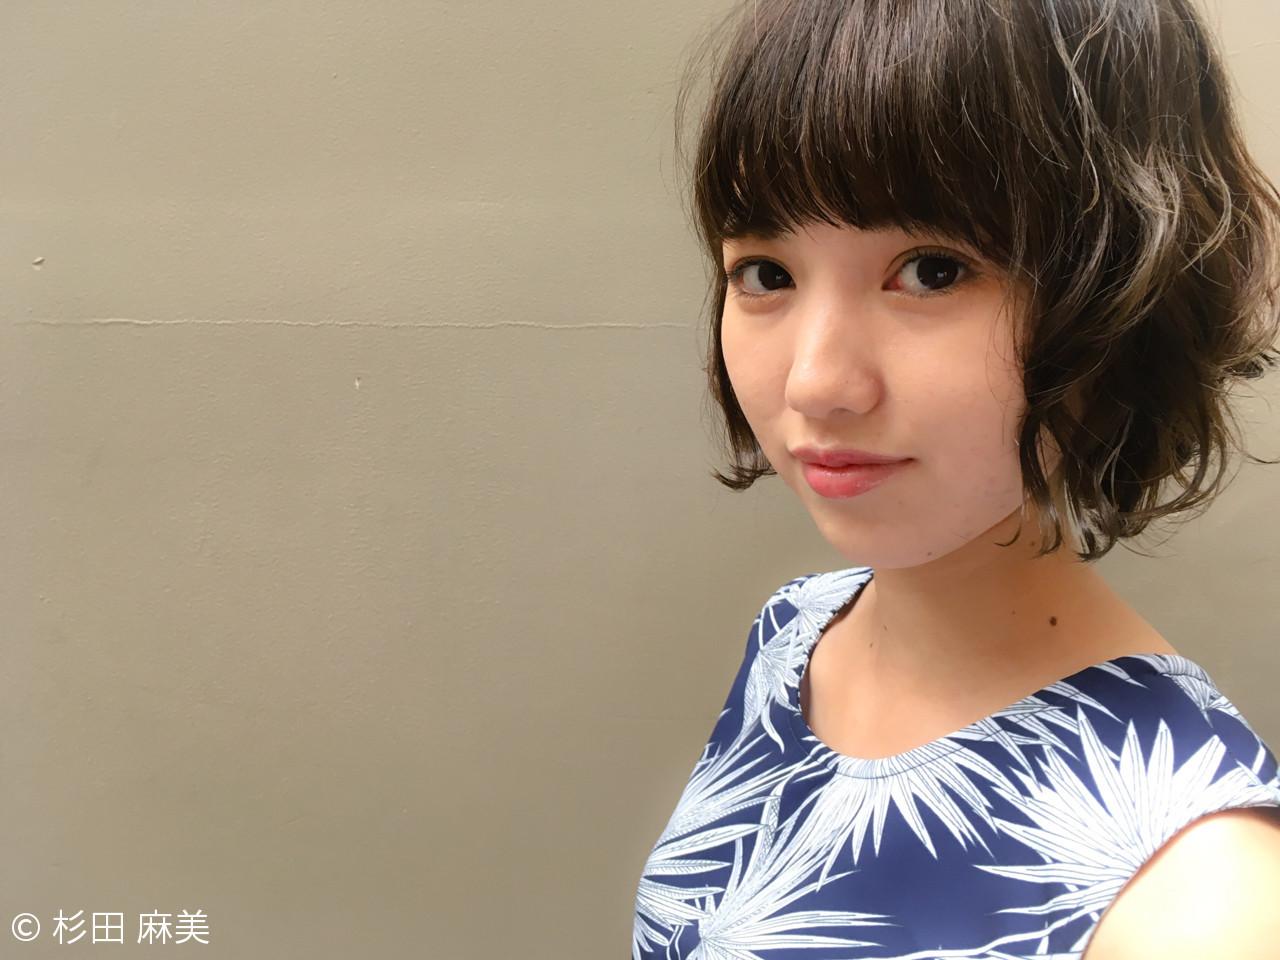 前髪がポイント!夜会巻きのアレンジまとめ♪初心者でも簡単にできるコツ 杉田 麻美